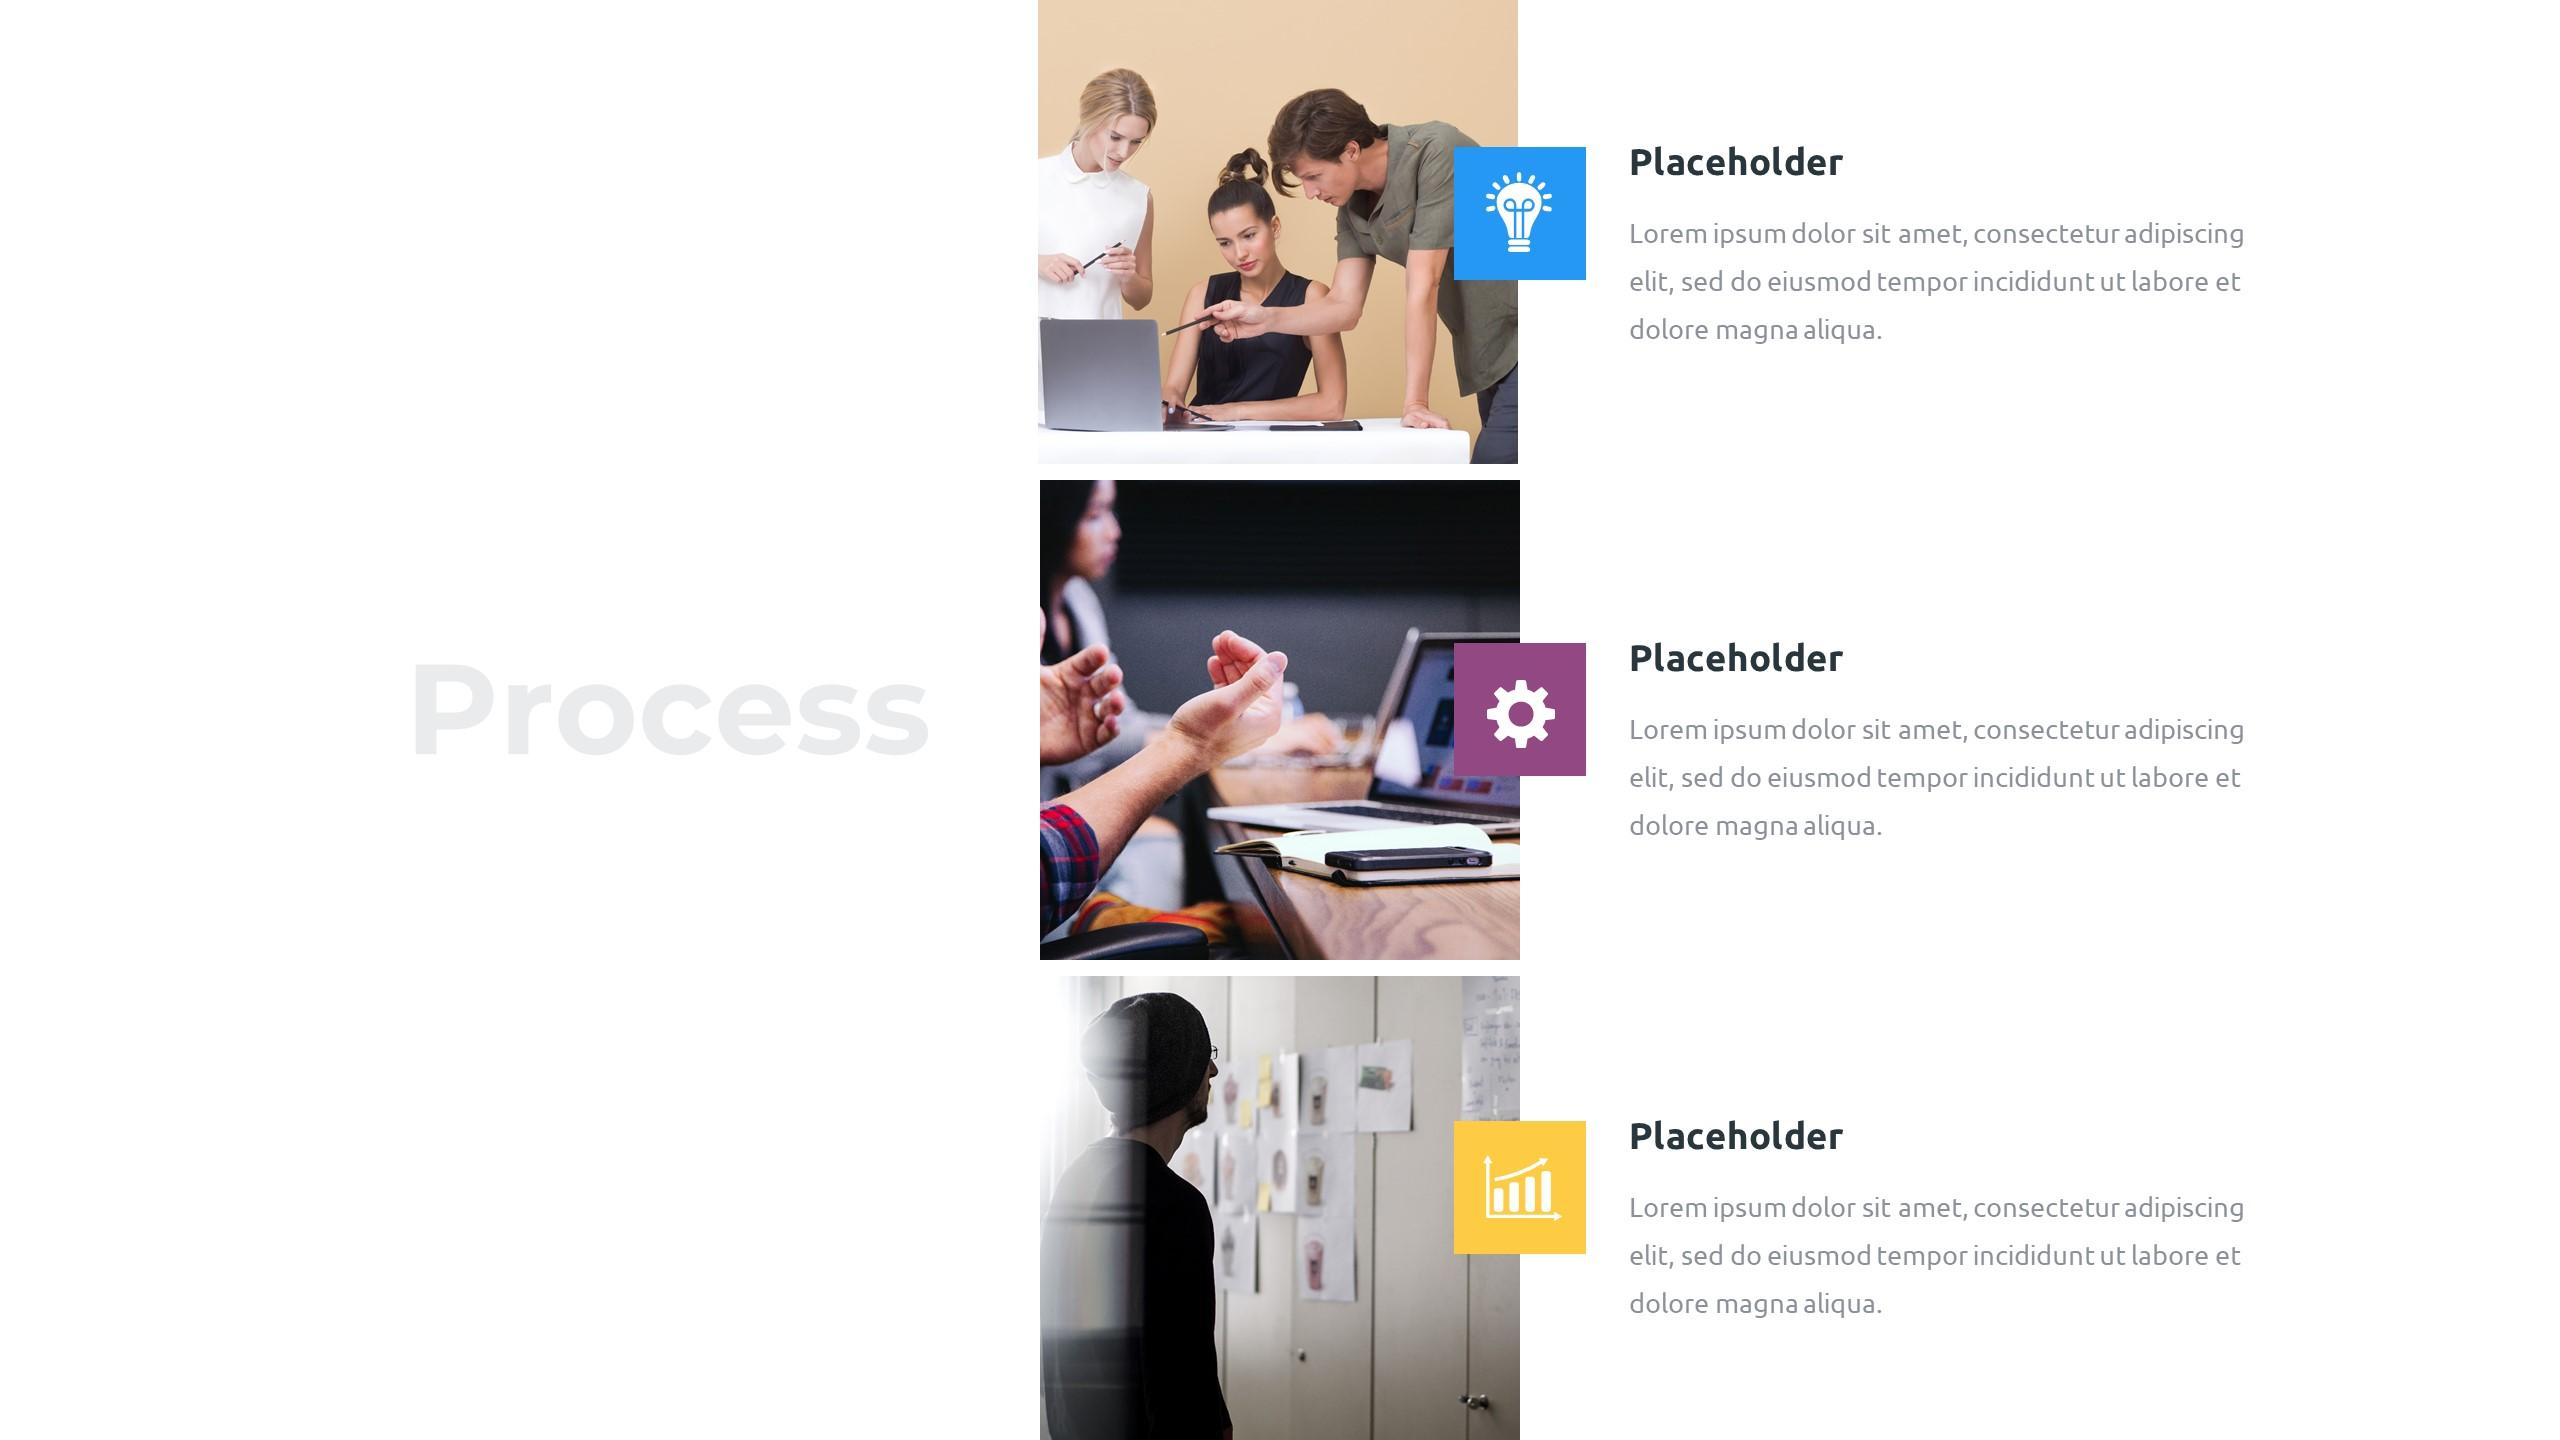 36 Timeline Presentation Templates: Powerpoint, Google Slides, Keynote - Slide3 1